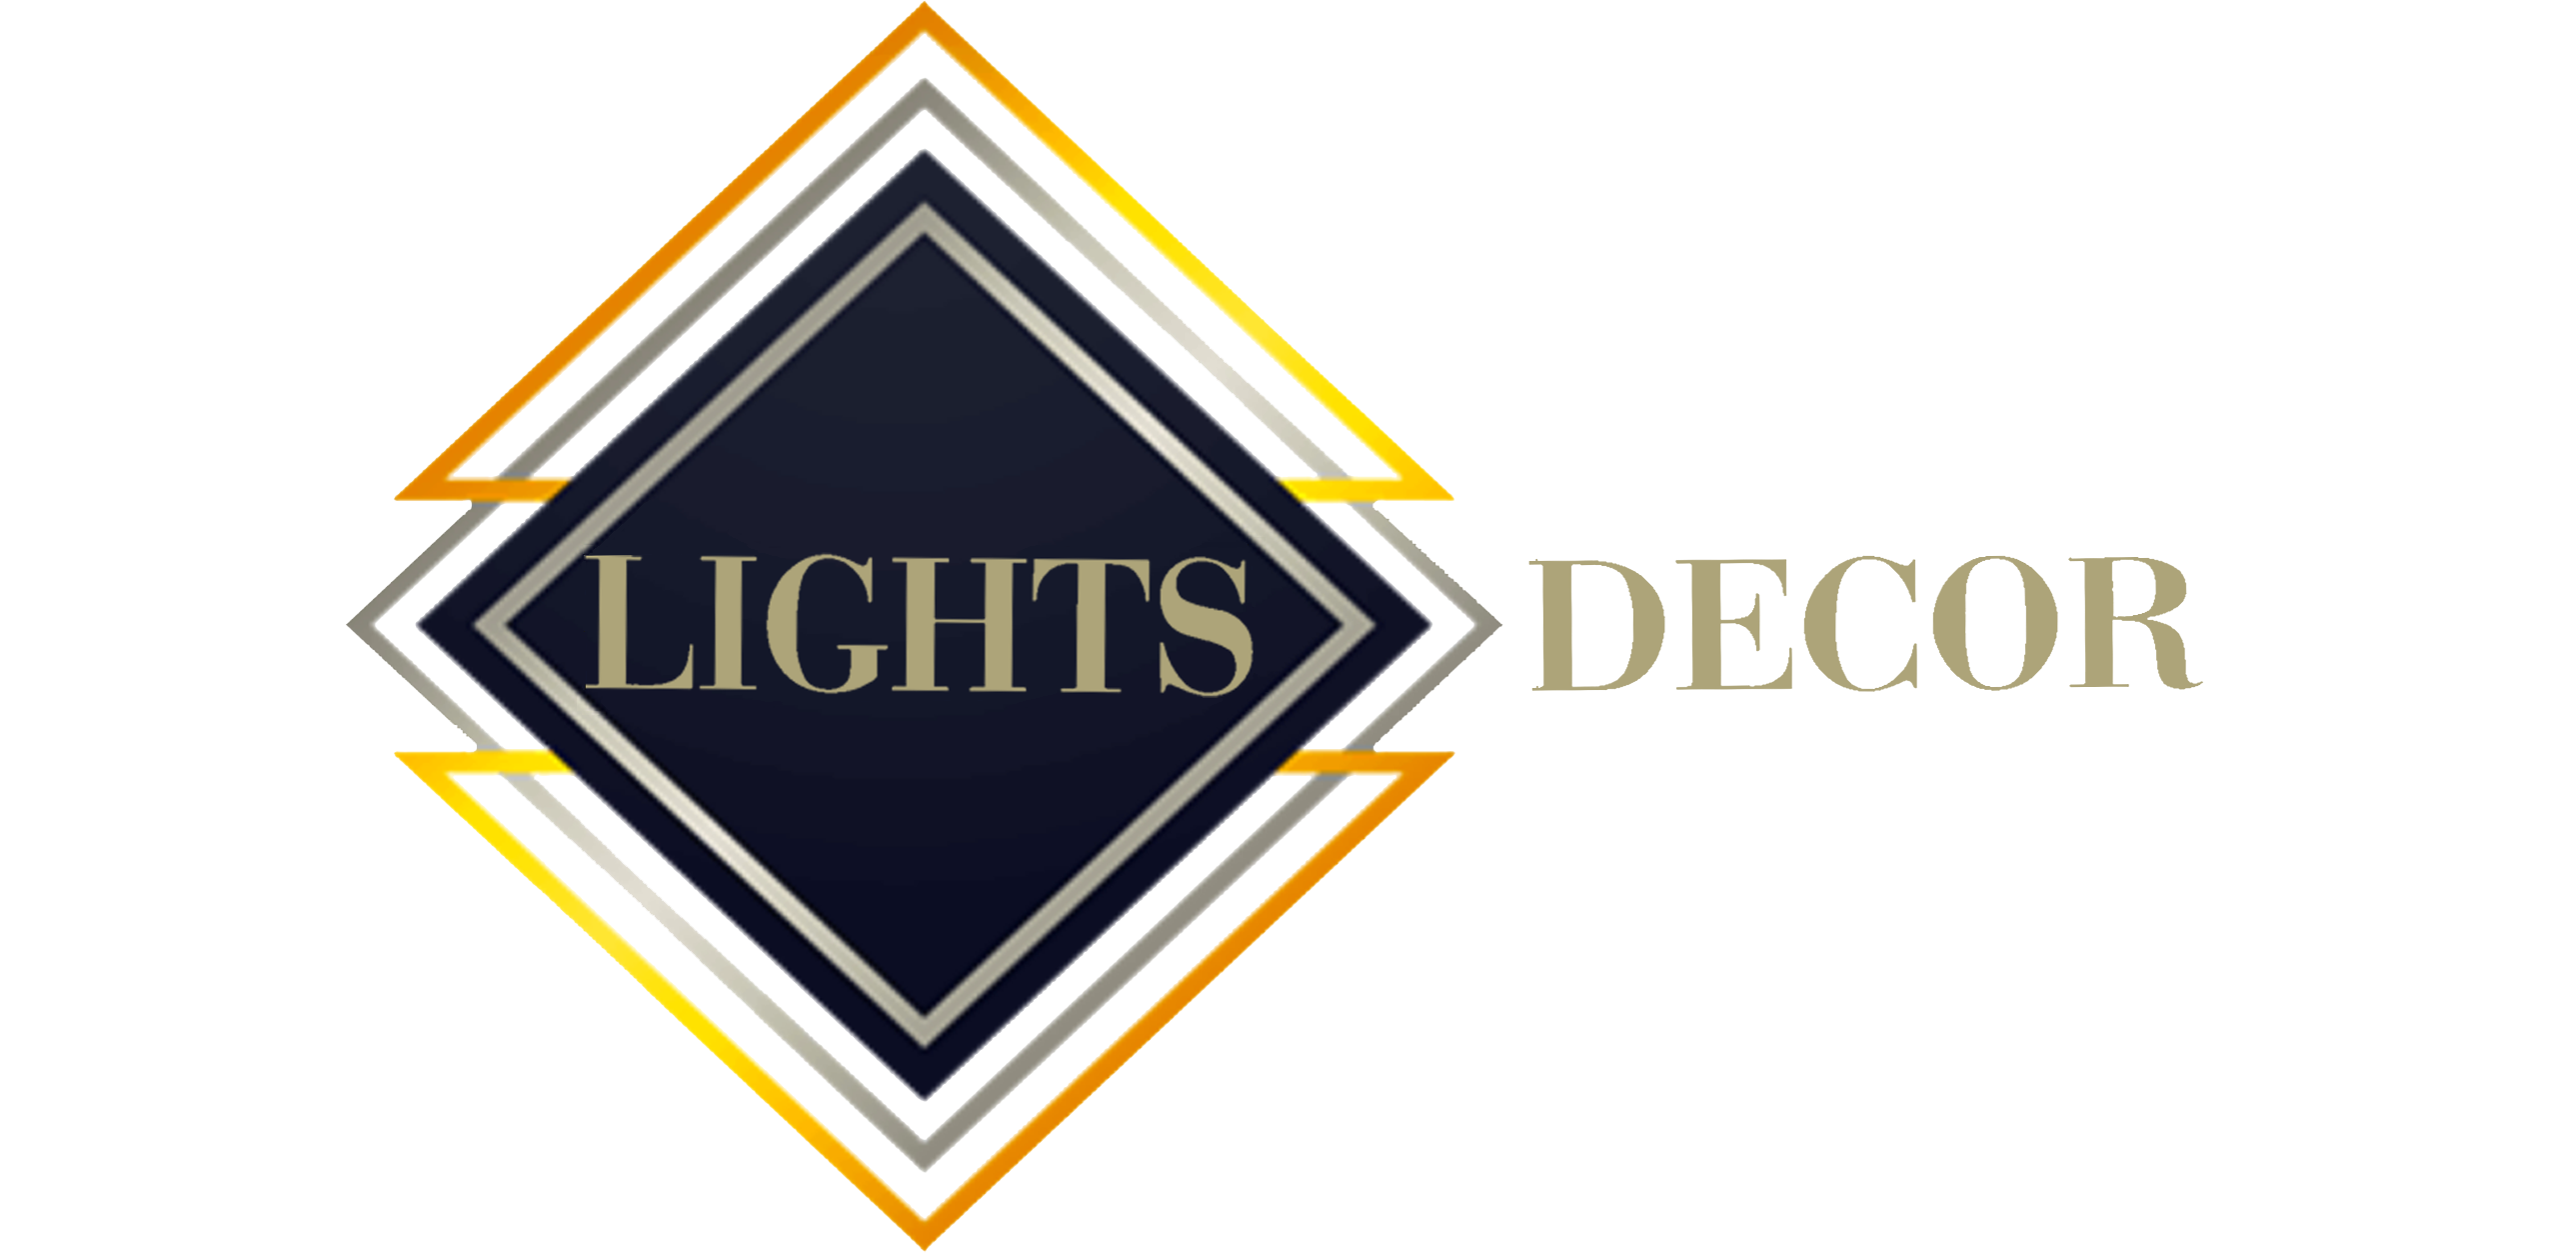 LIGHTSDECOR